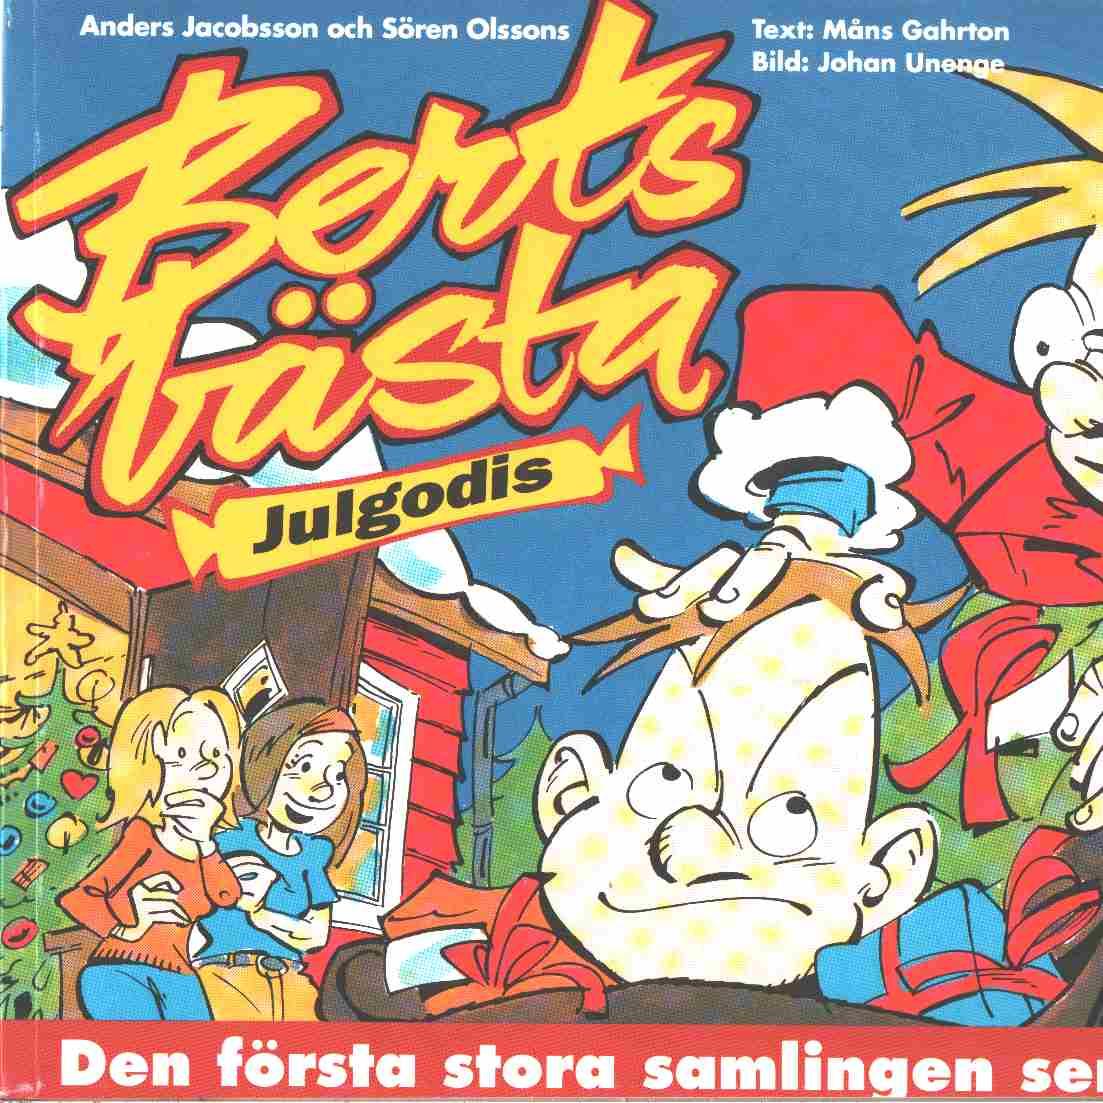 Berts bästa julgodis - Gahrton, Måns och Unenge, Johan